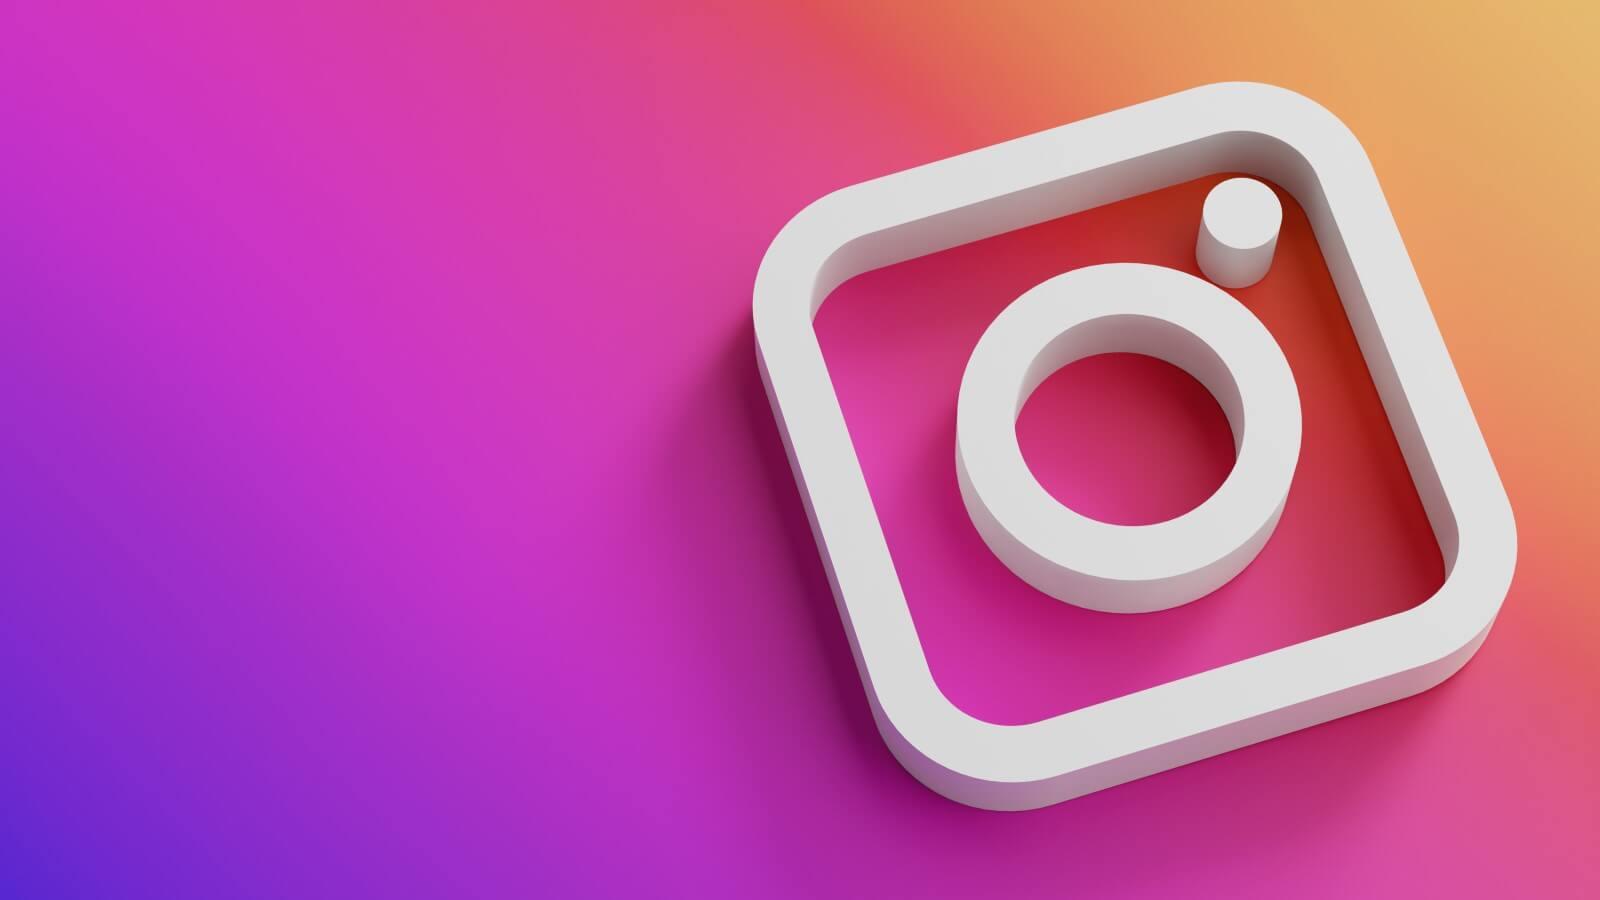 instagram-logo-3d